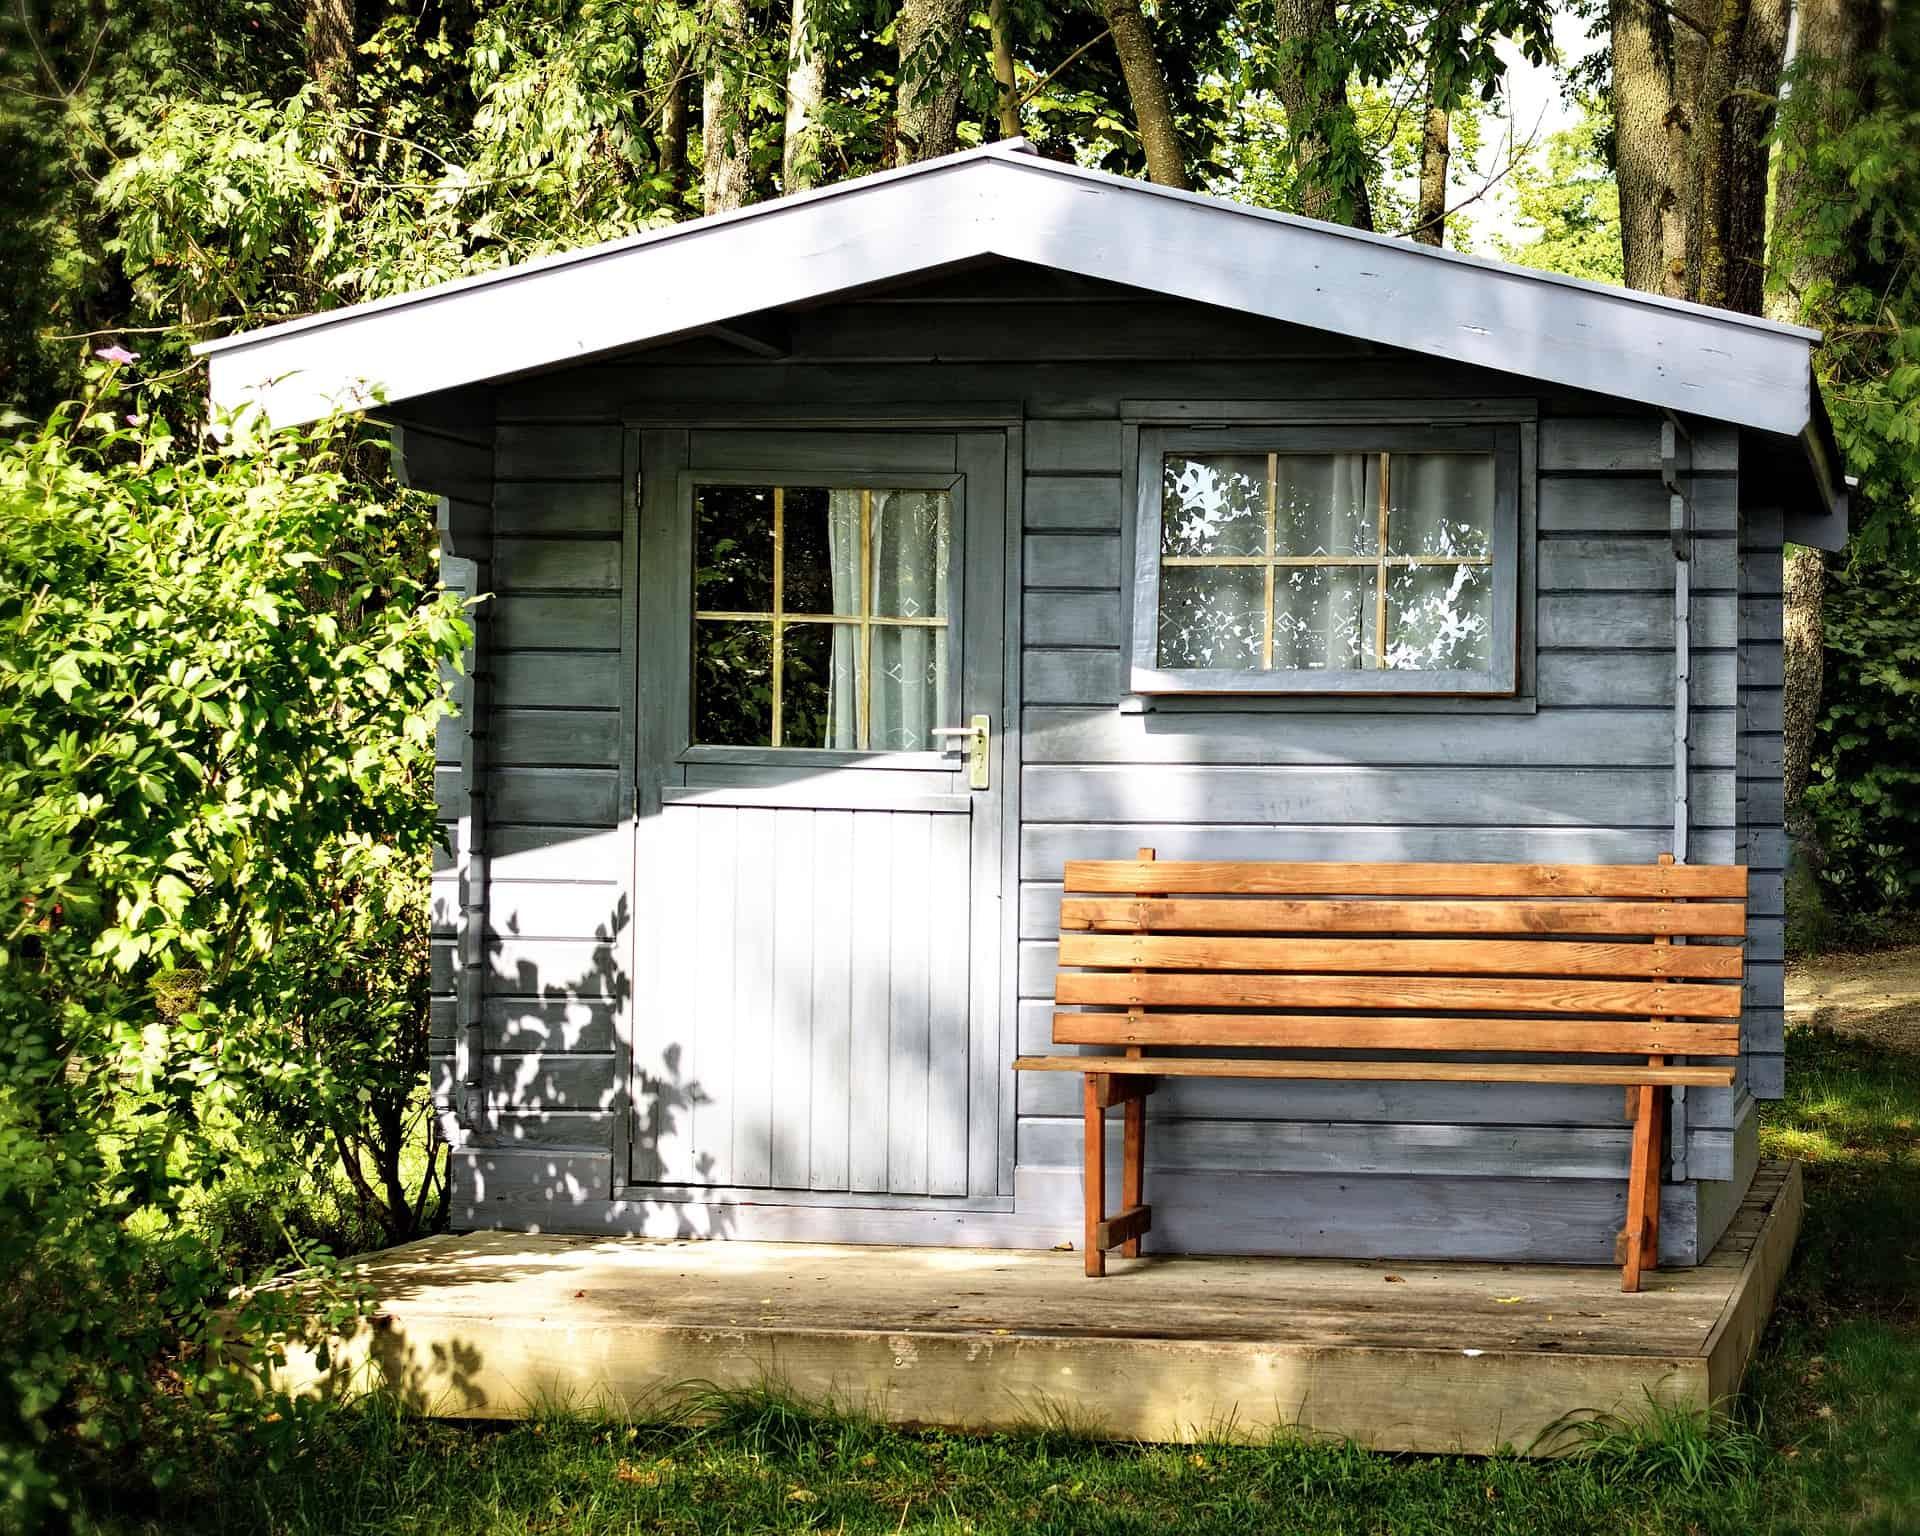 Gartenhaus: Test & Empfehlungen (01/21)